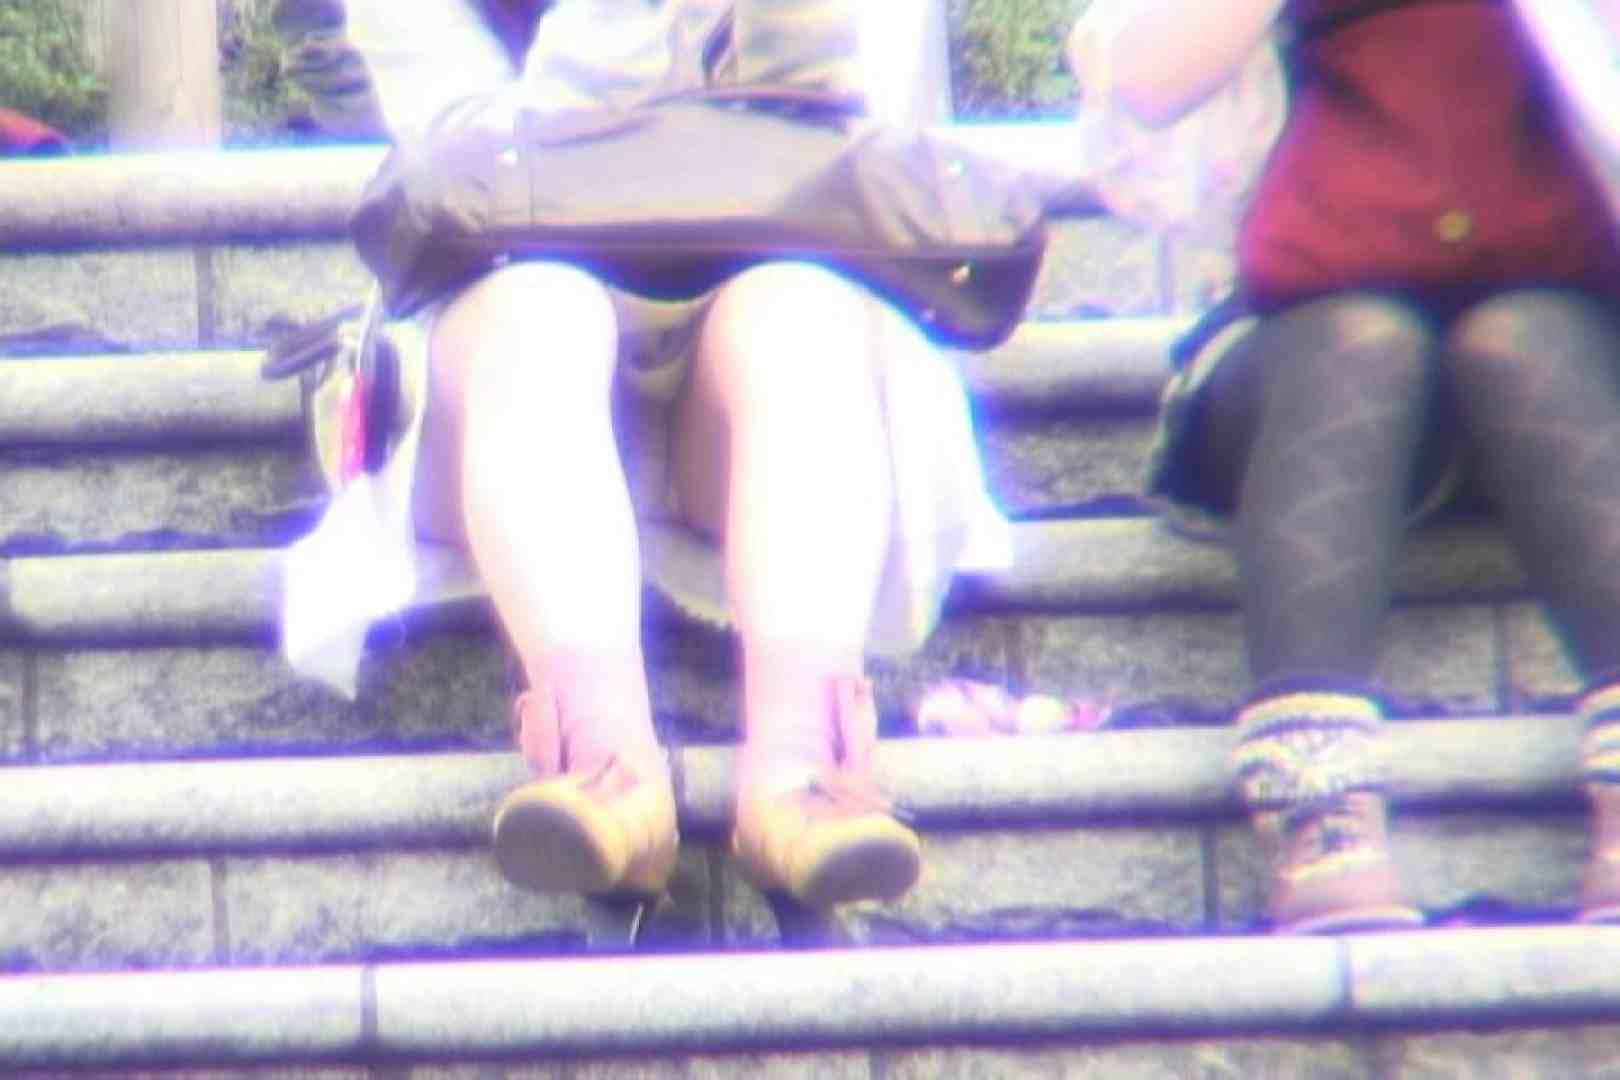 超最新版!春夏秋冬 vol.04 オマタギャル ヌード画像 87連発 8